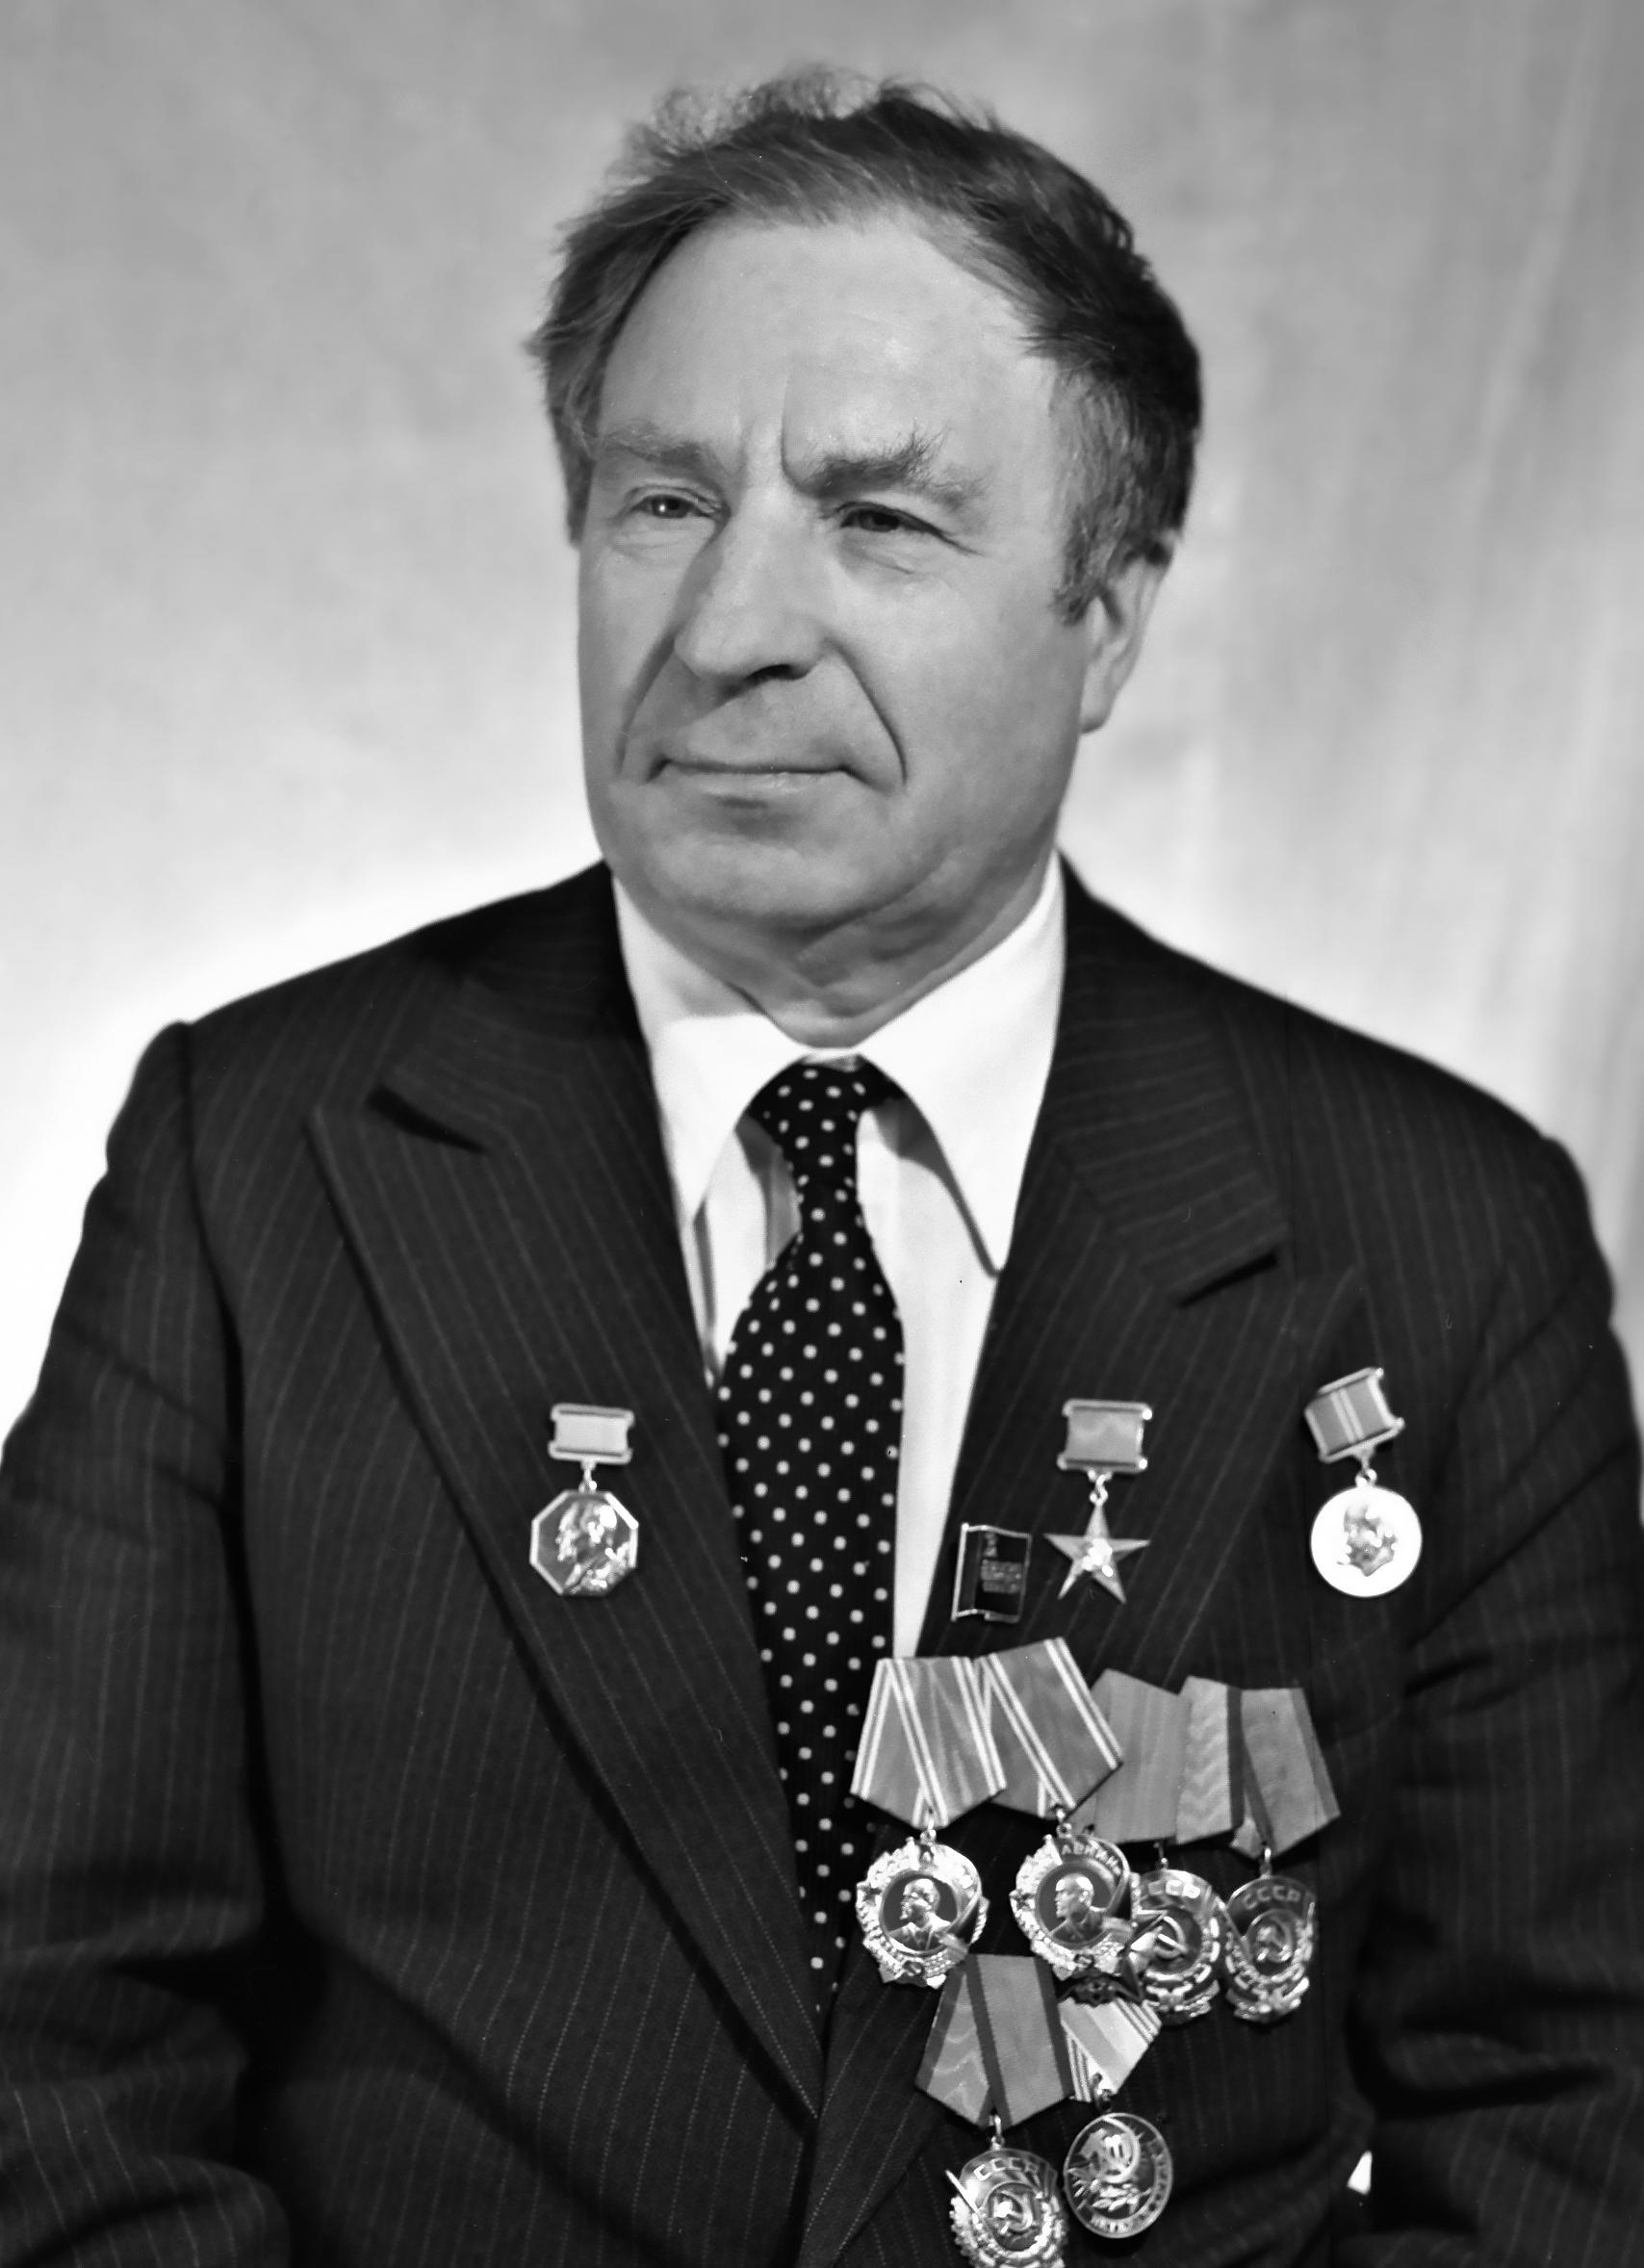 Человек-легенда из поколения созидателей. Петр Пронягин - как достойный кандидат в плеяду «Великих имен России»